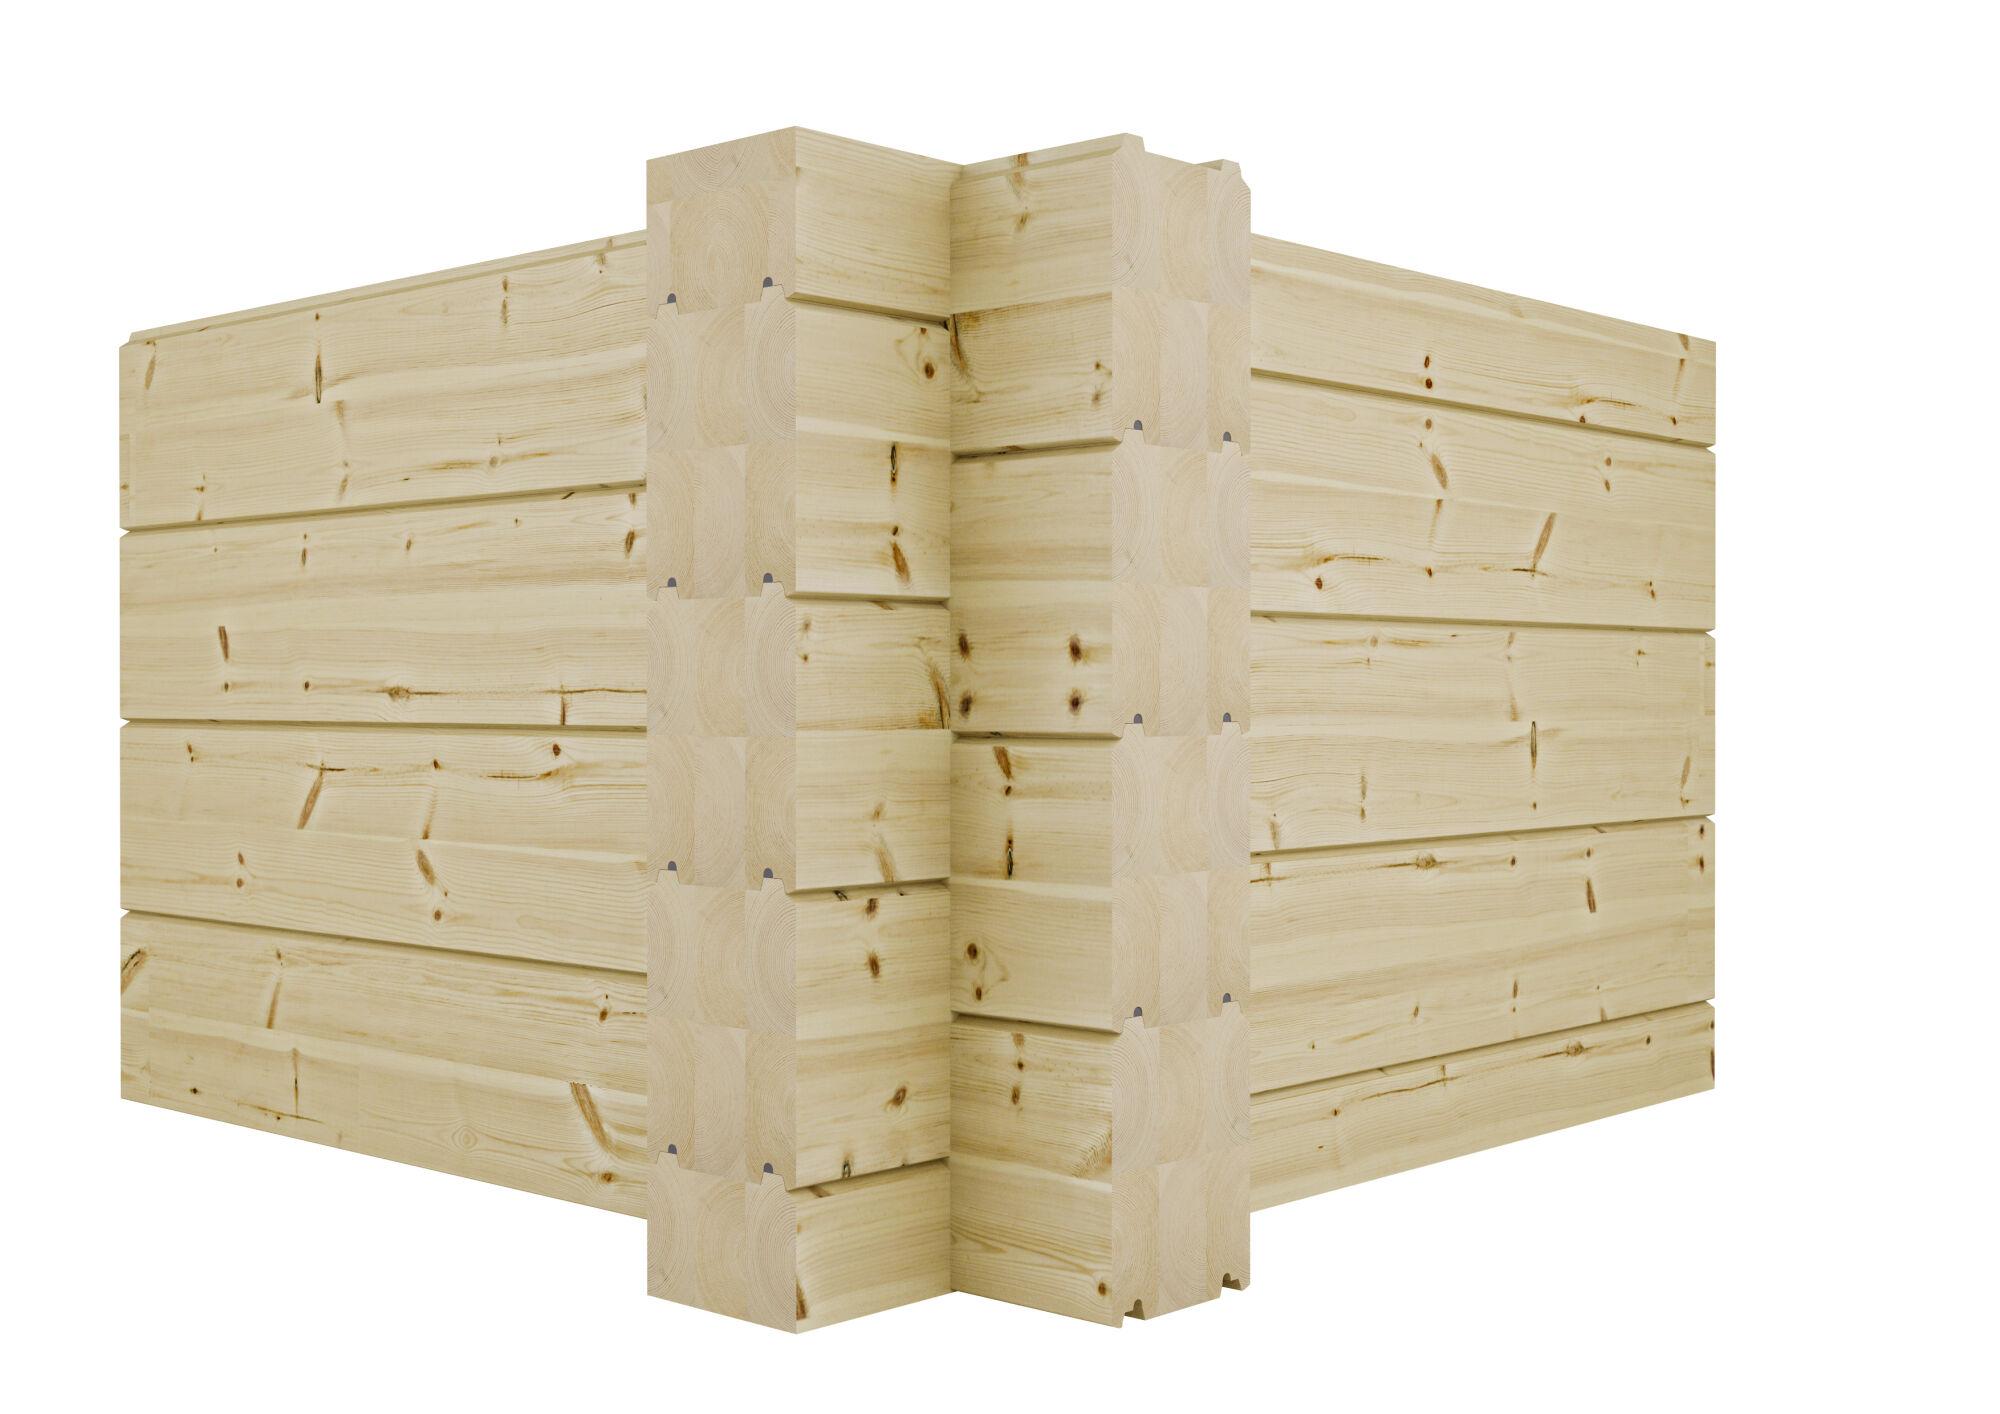 Kontios kryssknute med tømmer i modern profil